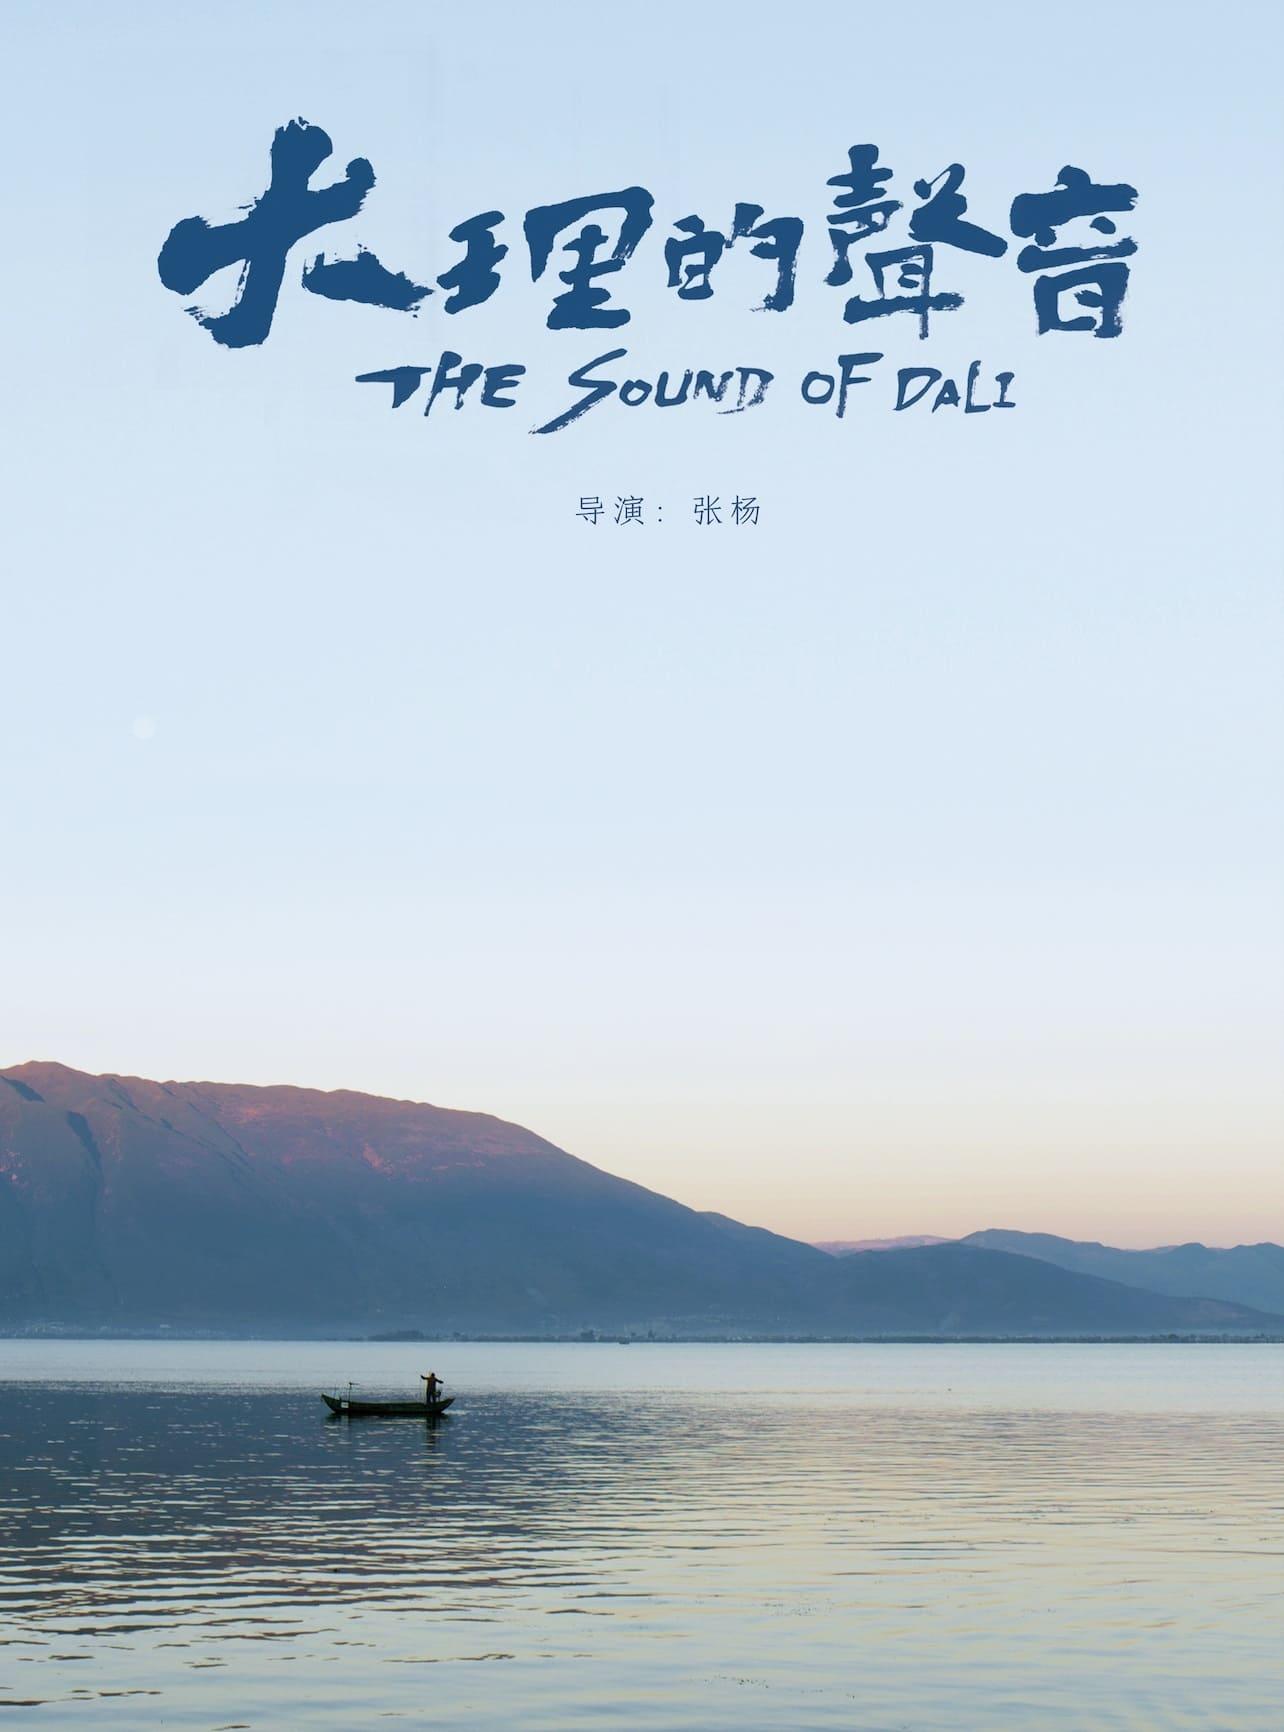 The Sound of Da Li